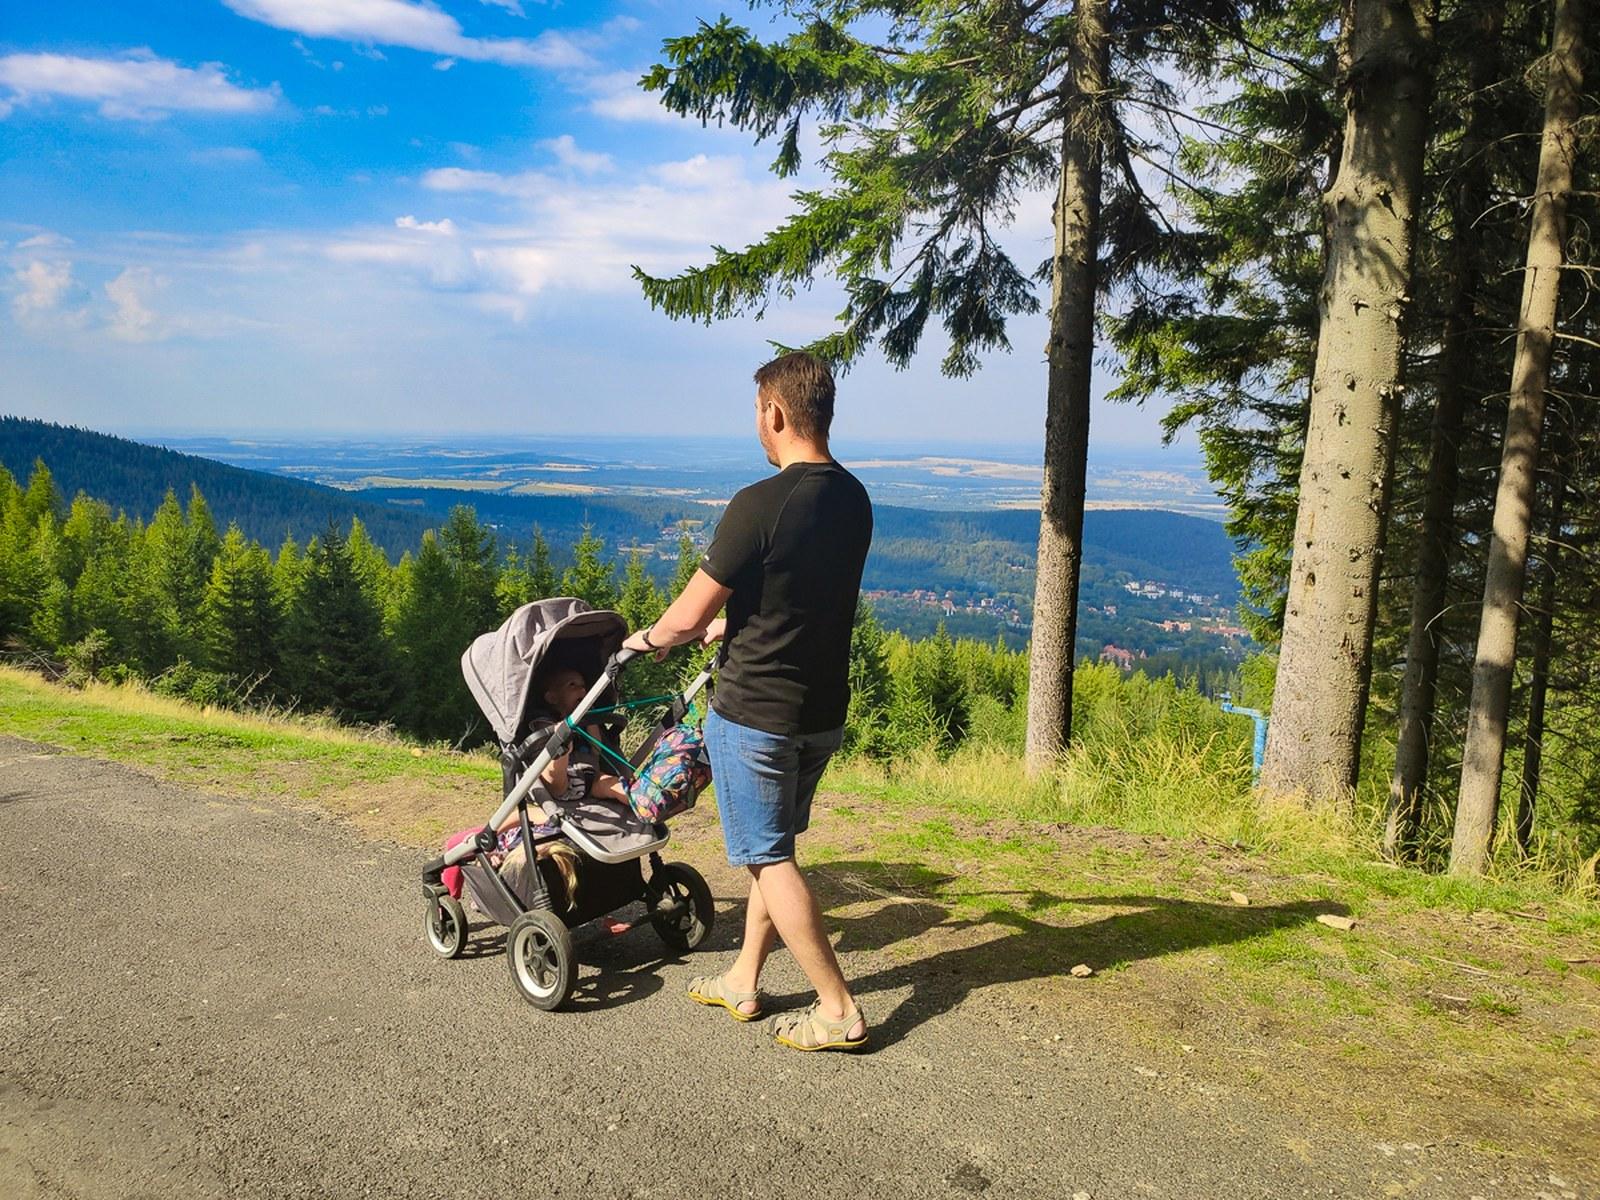 Górski spacer zwózkiem wŚwieradowie Zdroju - Góry Izerskie zwózkiem Thule Sleek